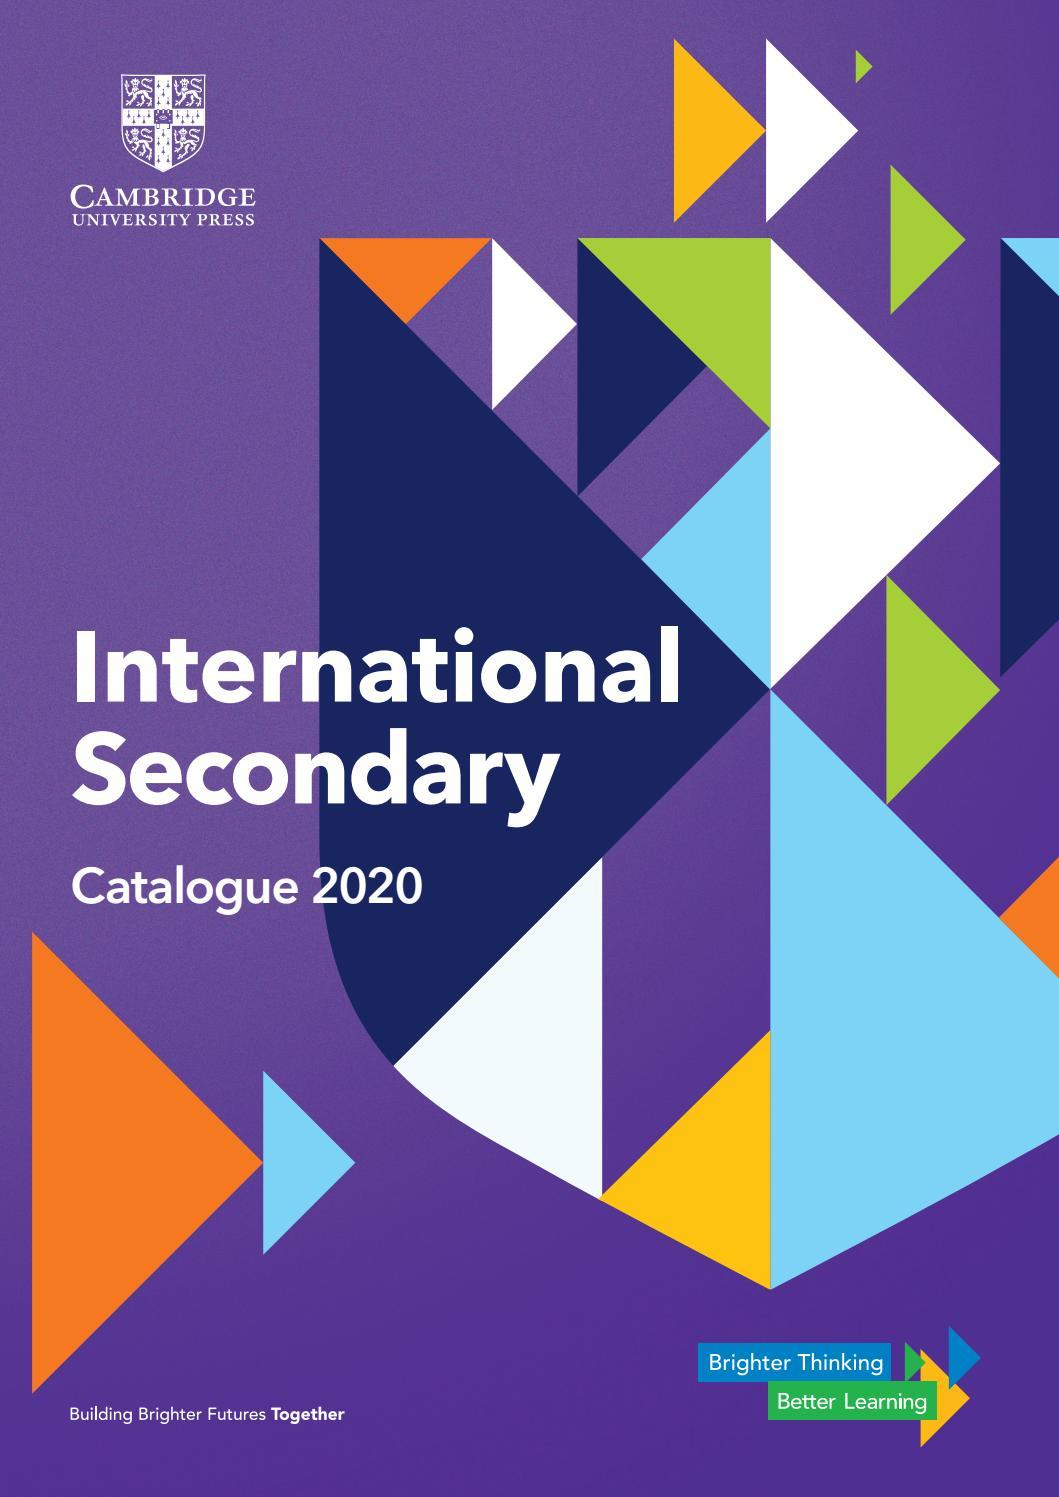 International Secondary 2020 Catalogue By Cambridge regarding Mayan Gender Predictor 2020